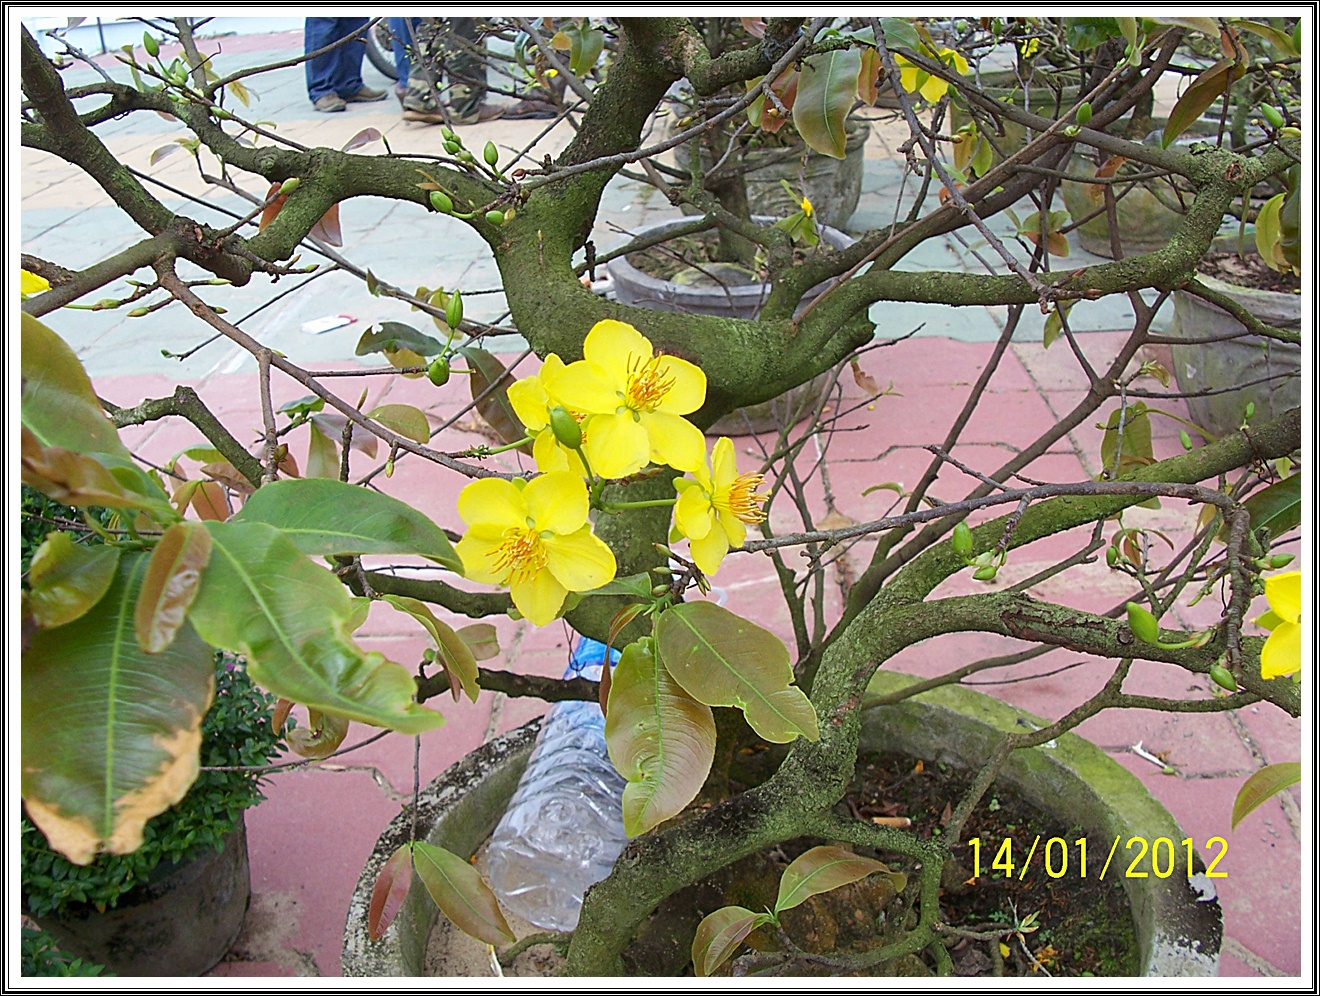 1/14일 베트남 판랑에서 카이트보딩 코스레이싱 대회